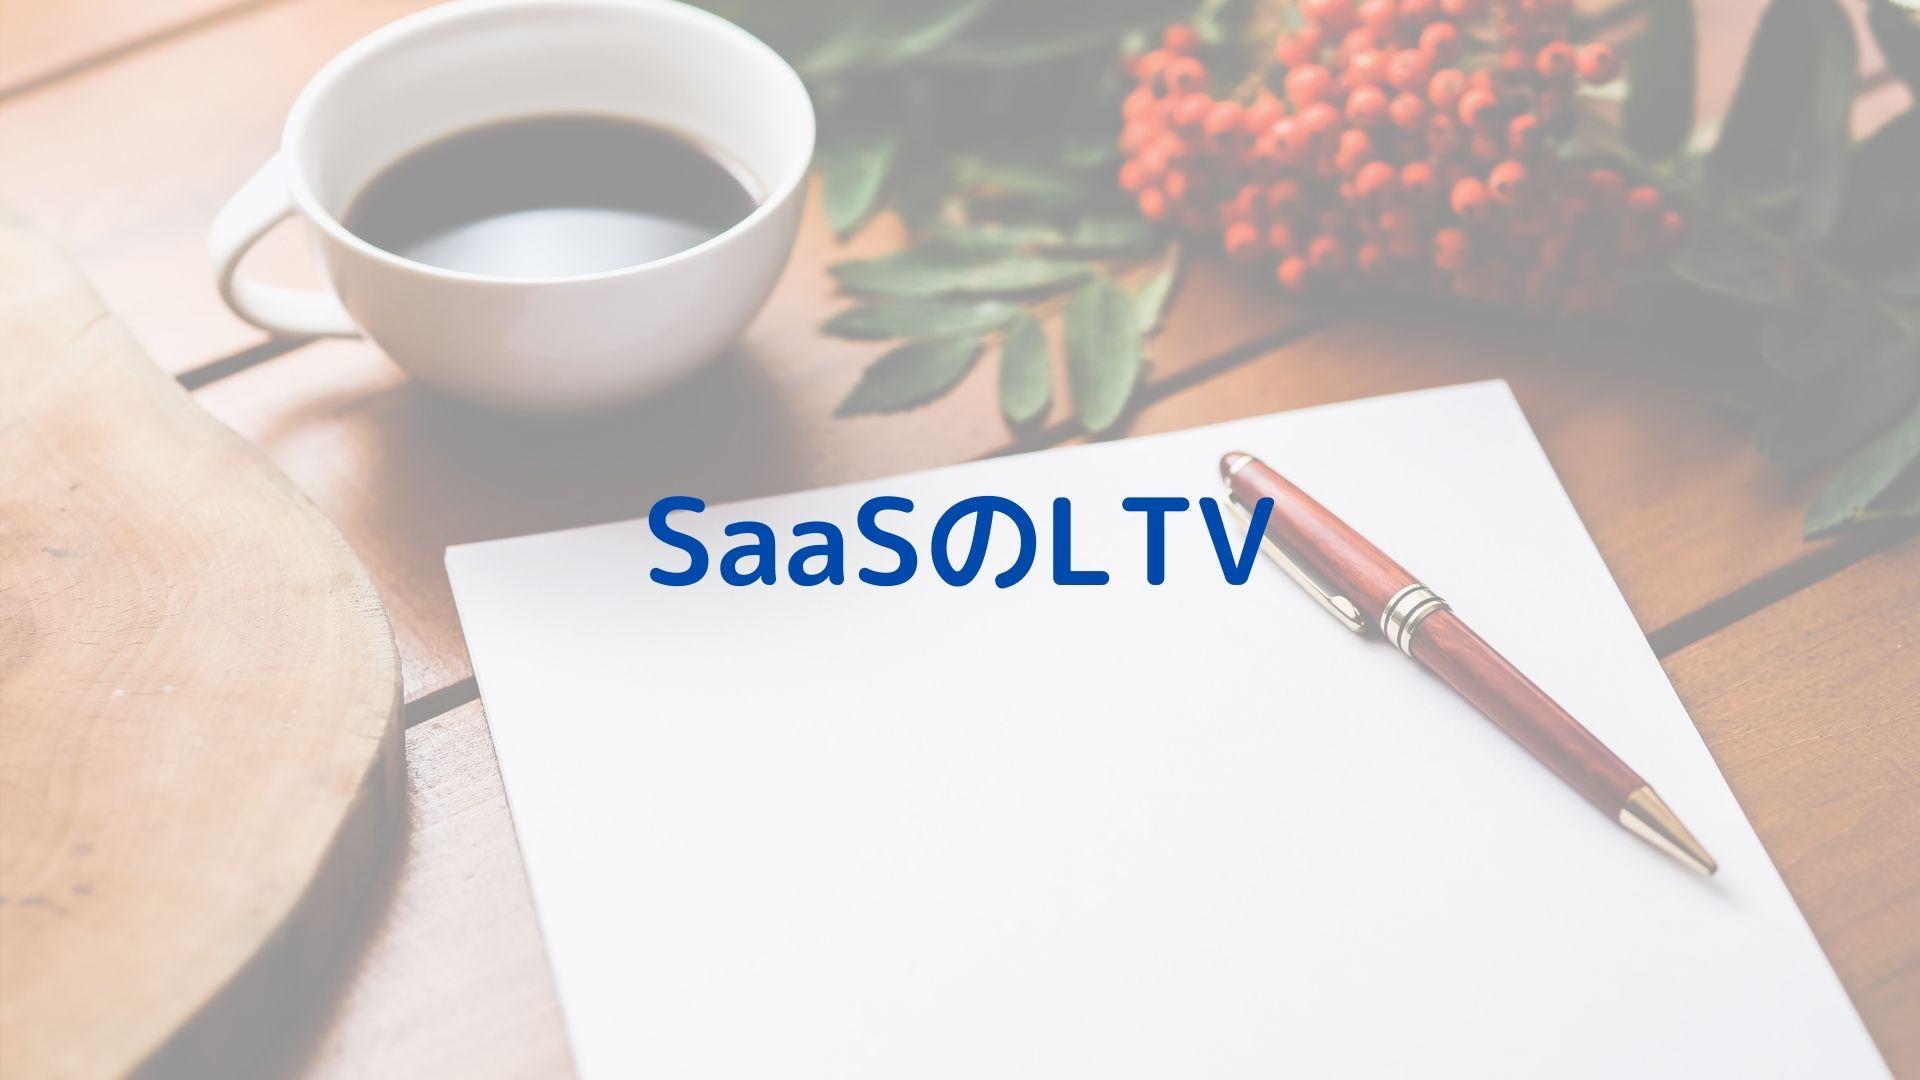 SaaSのLTV